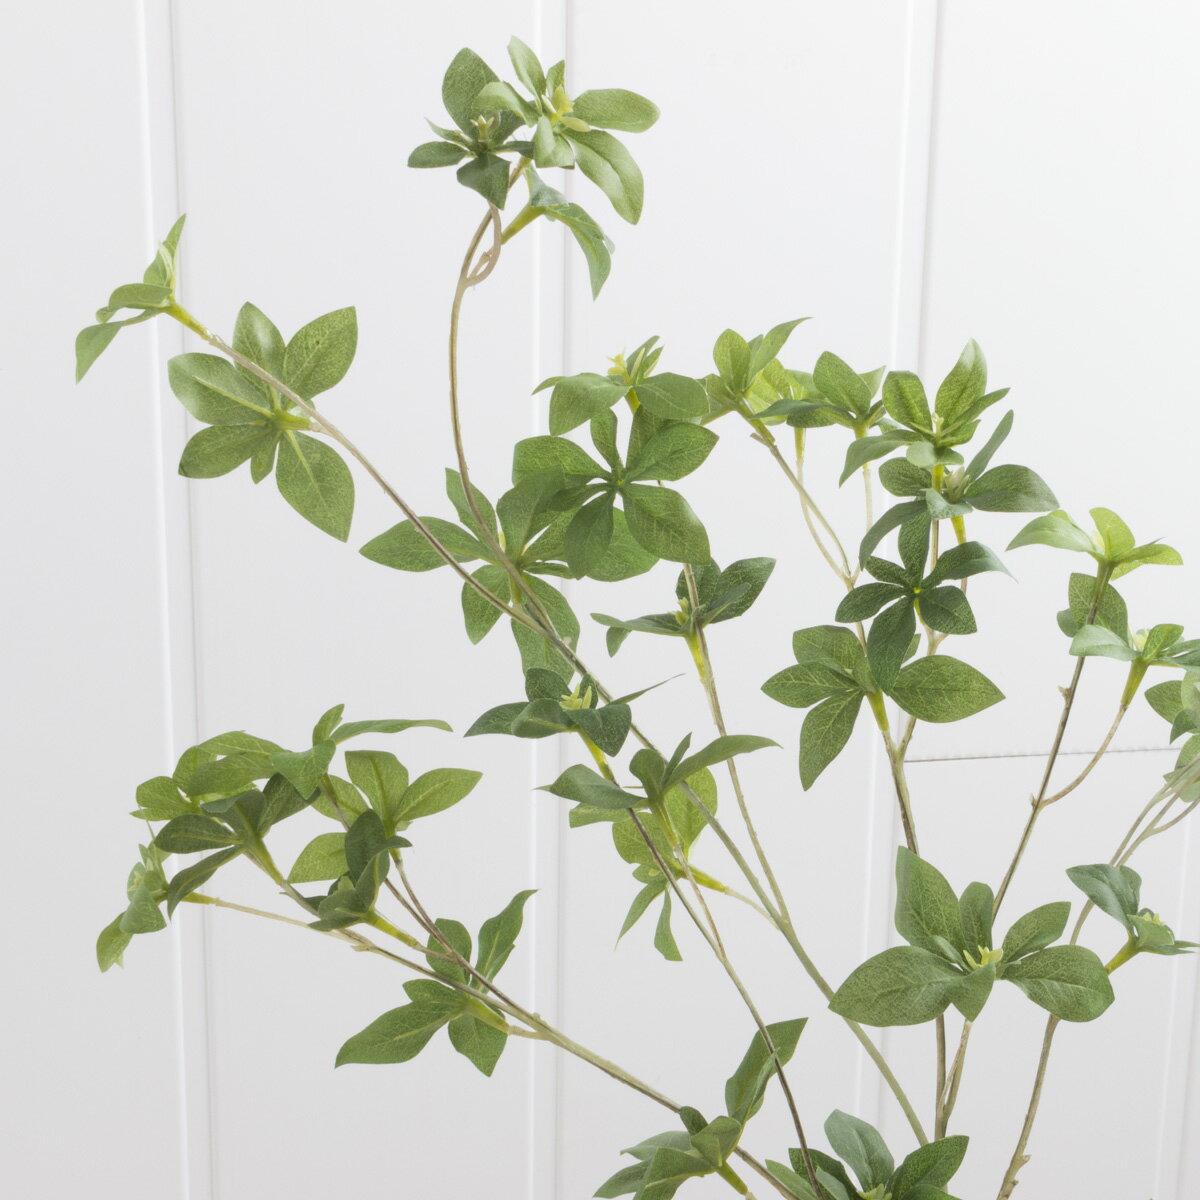 即日 【造花】アスカ/ドウダン(S) グリーン/A-40947-51A《 造花(アーティフィシャルフラワー) 造花枝物 ドウダンツツジ 》